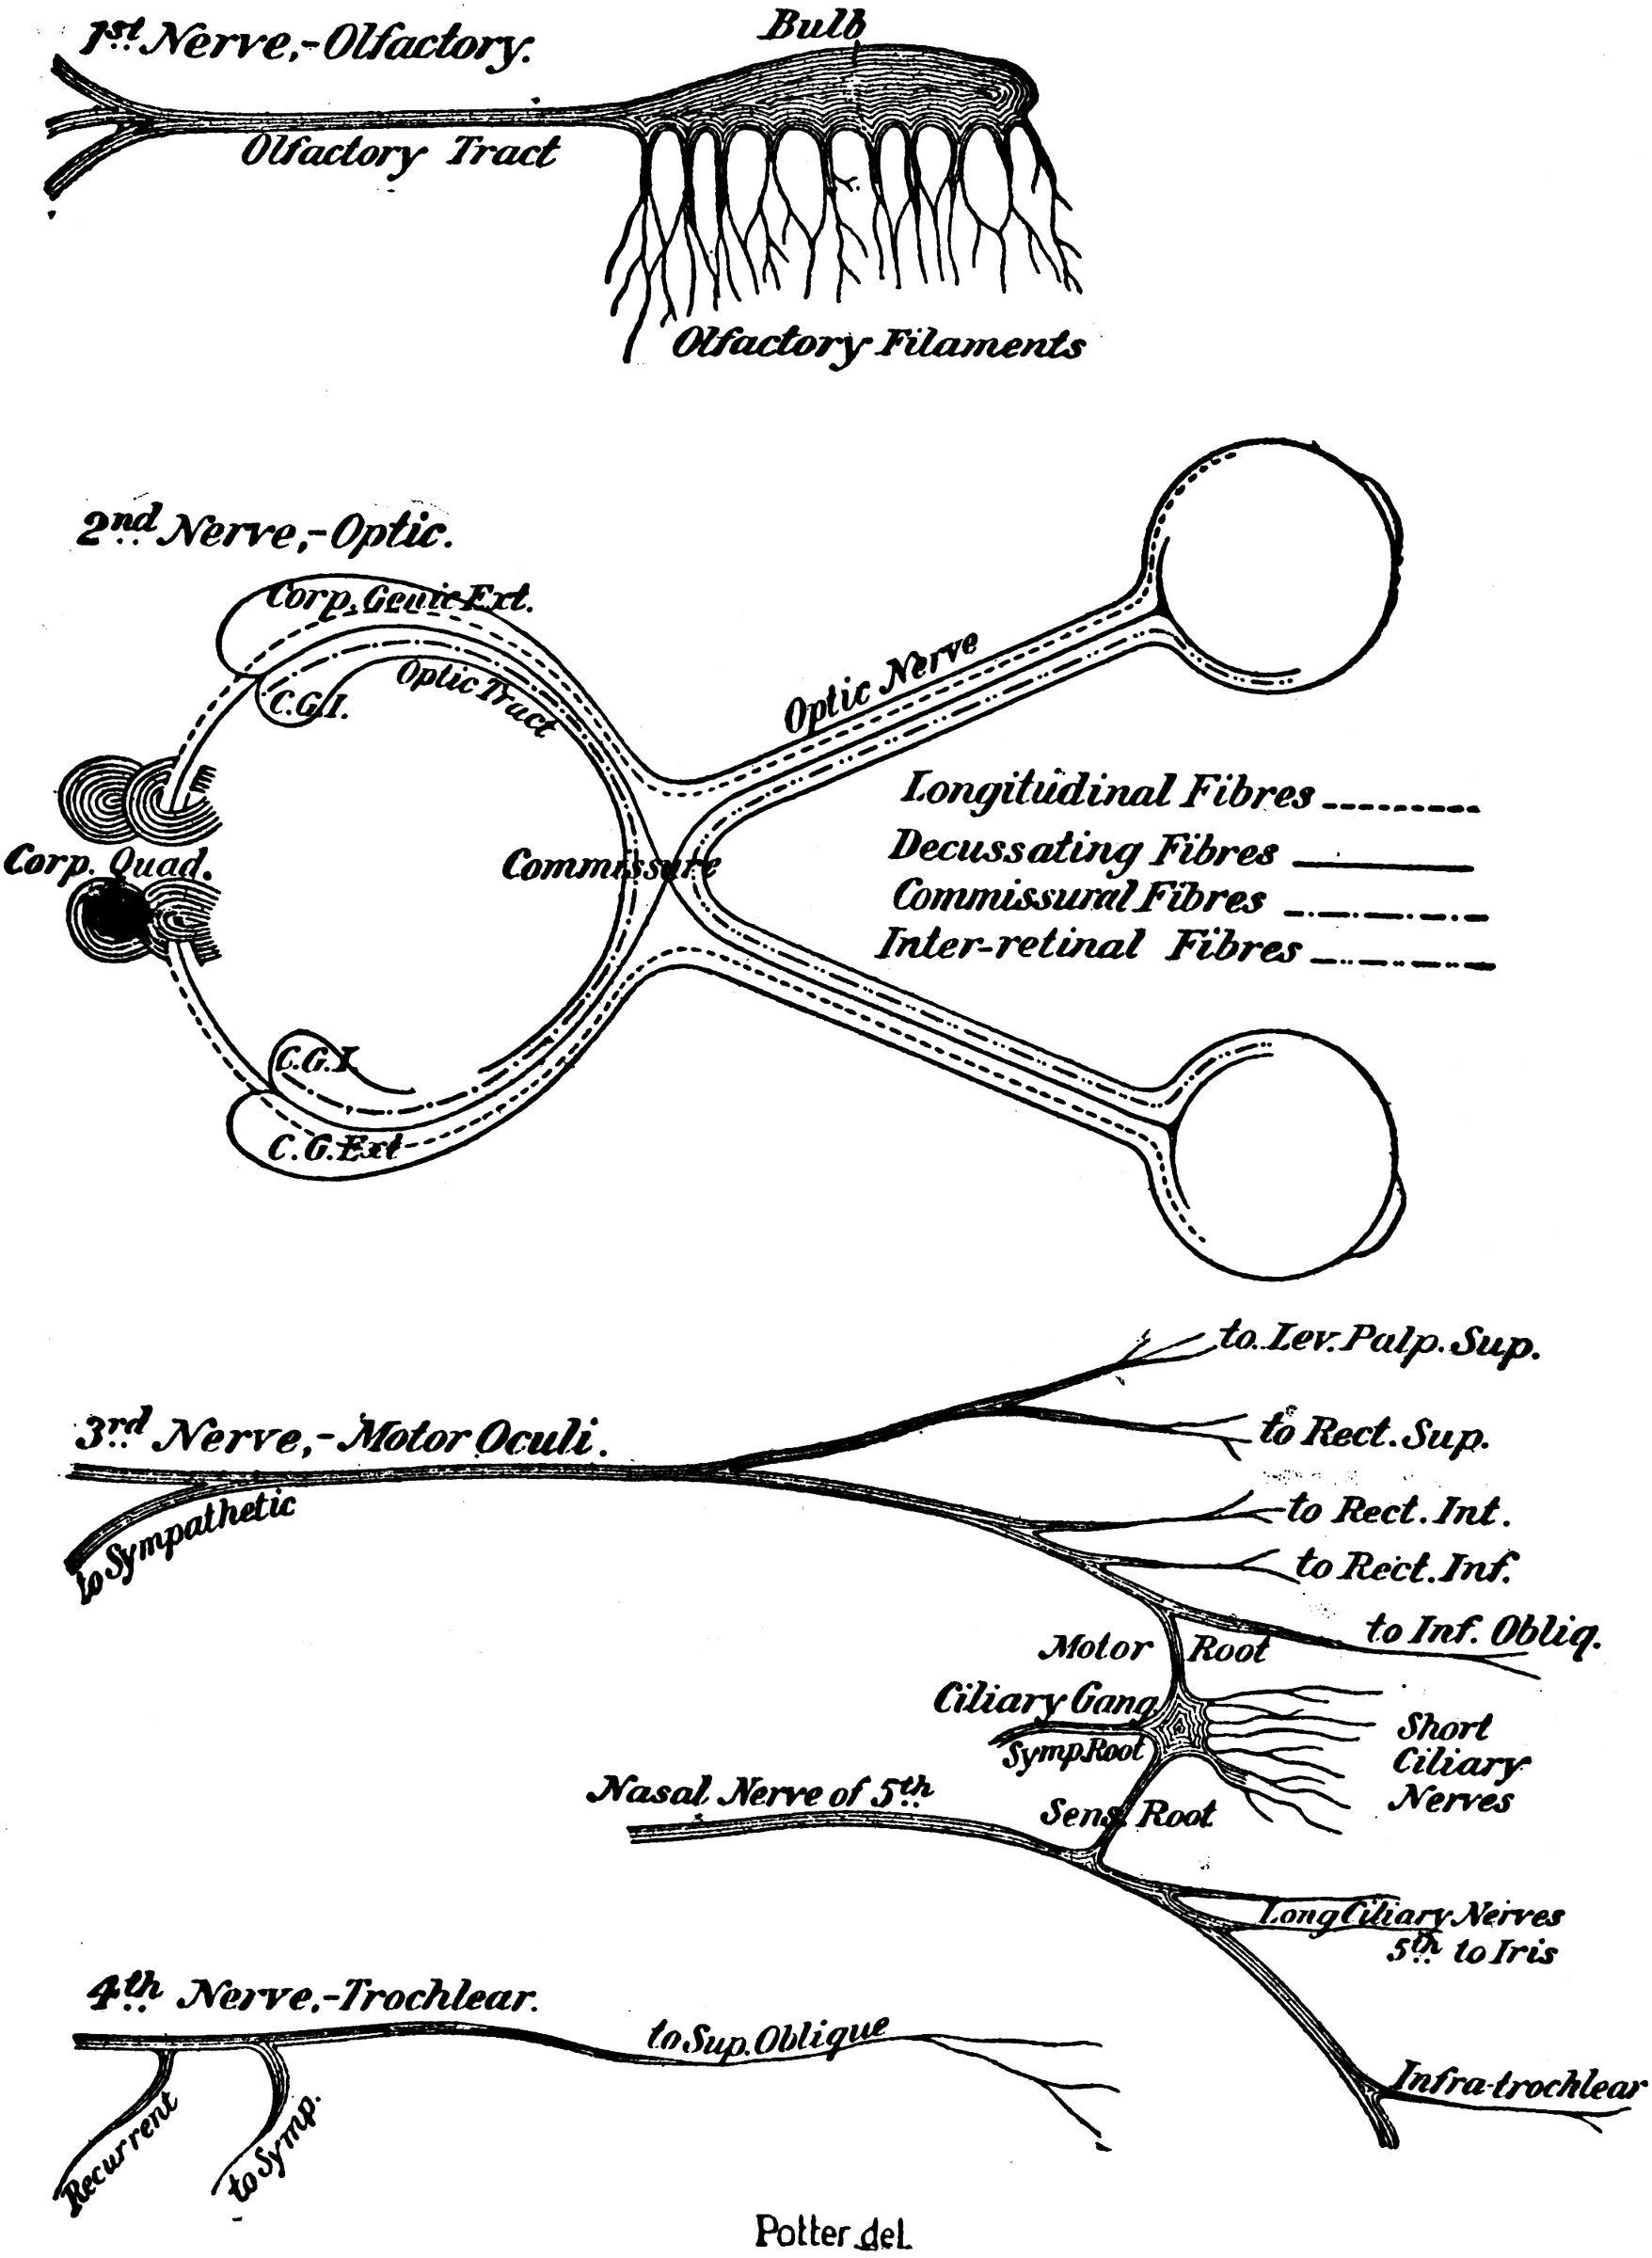 diagram of olfactory nerve